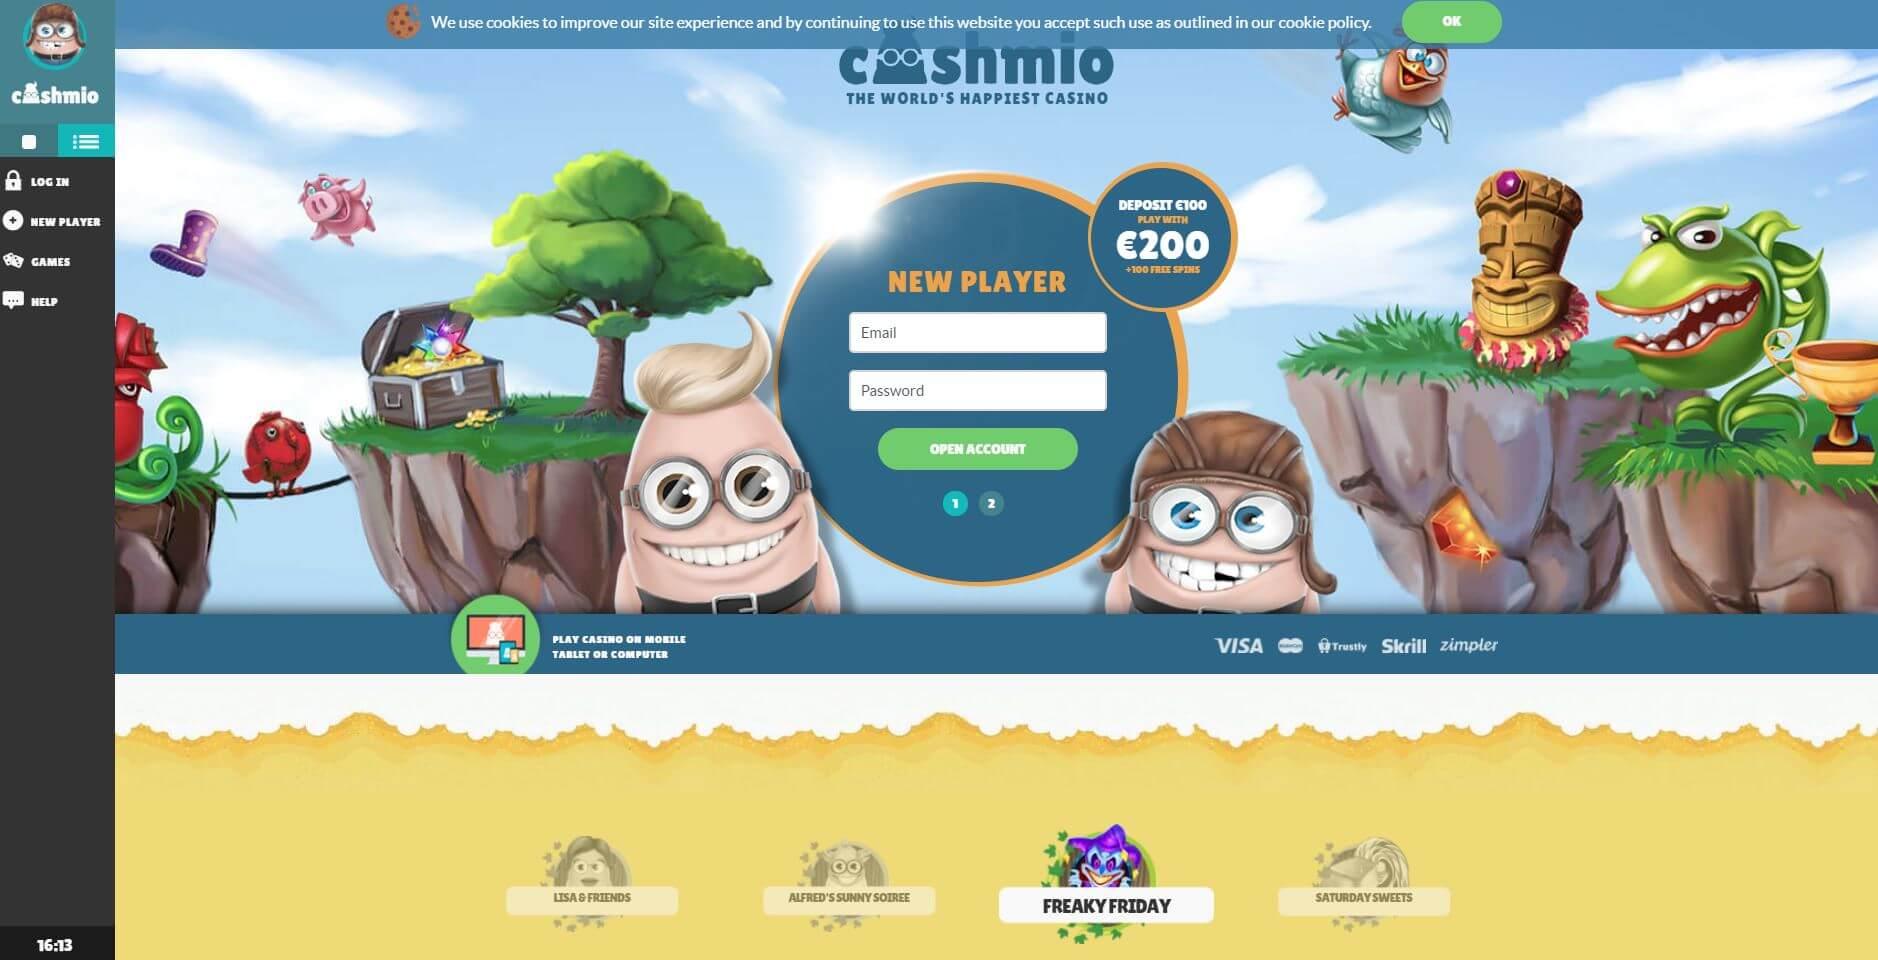 Cashmio Casino Review - Homepage